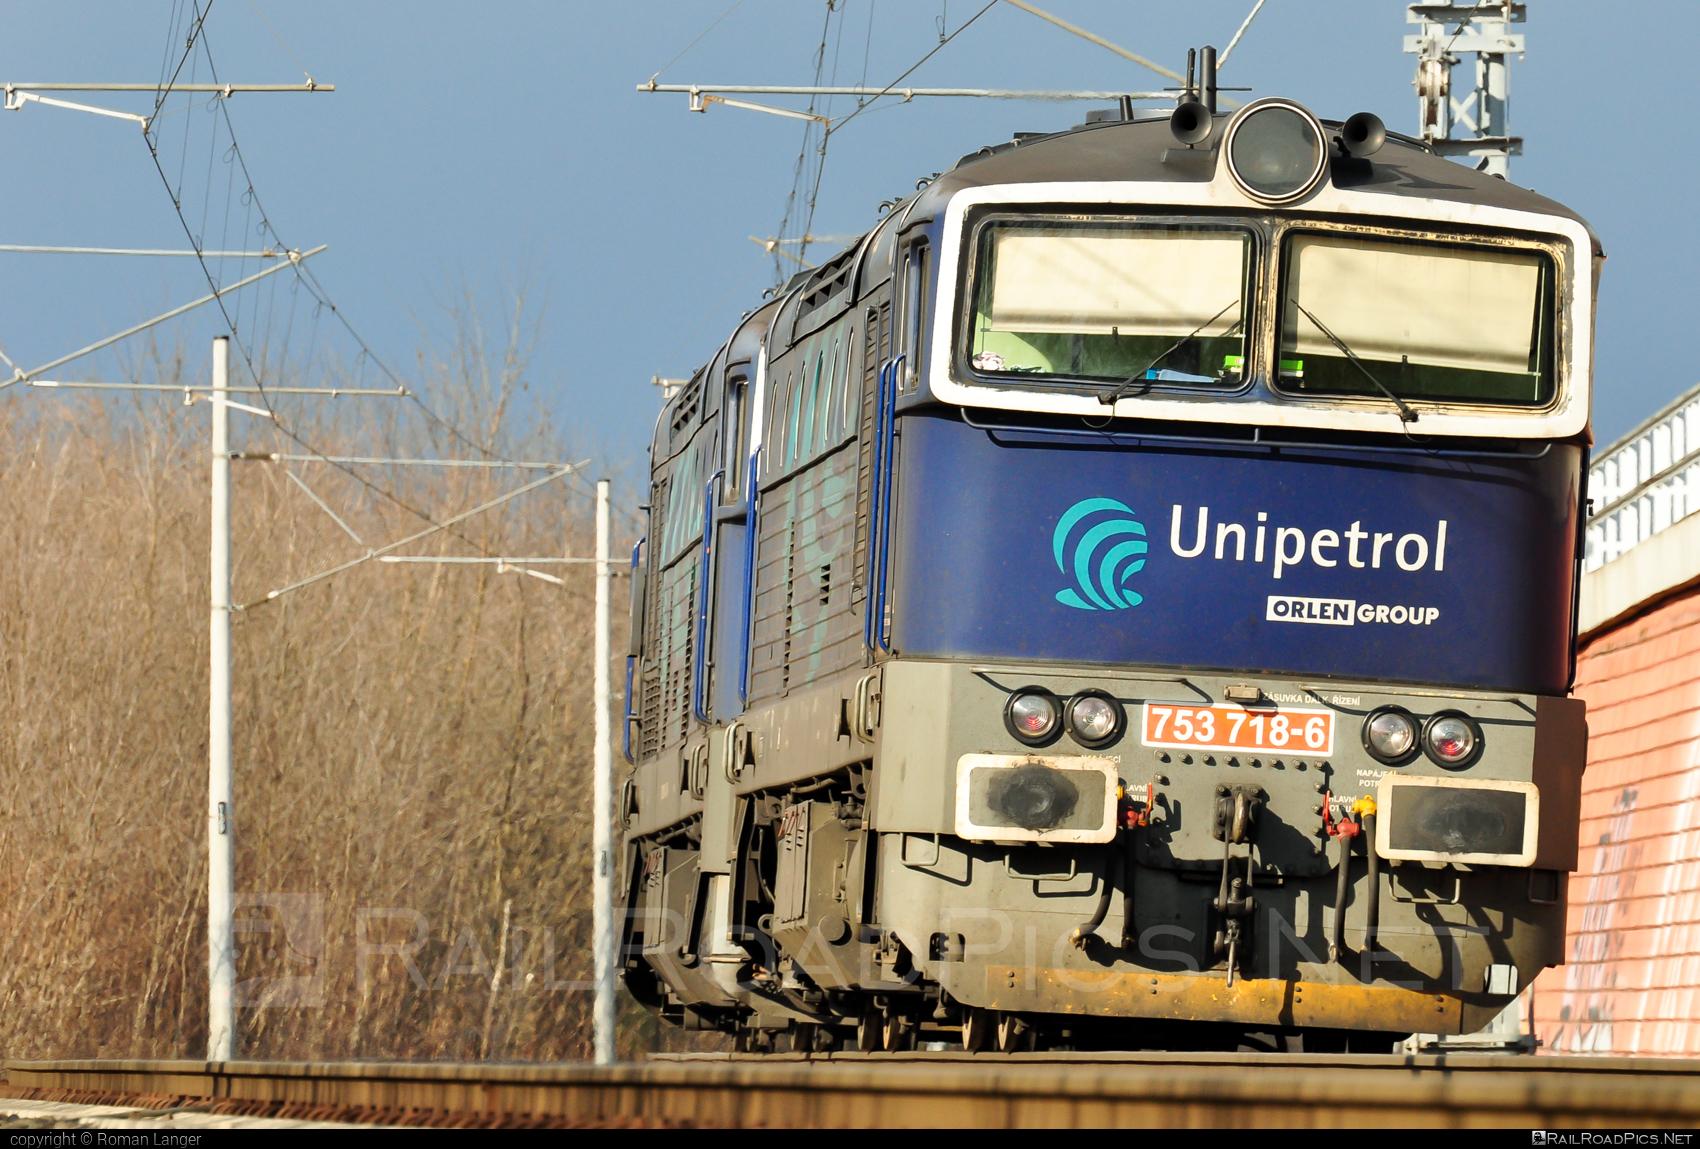 ČKD T 478.3 (753) - 753 718-6 operated by UNIPETROL DOPRAVA, a.s. #brejlovec #ckd #ckdclass753 #ckdt4783 #locomotive753 #okuliarnik